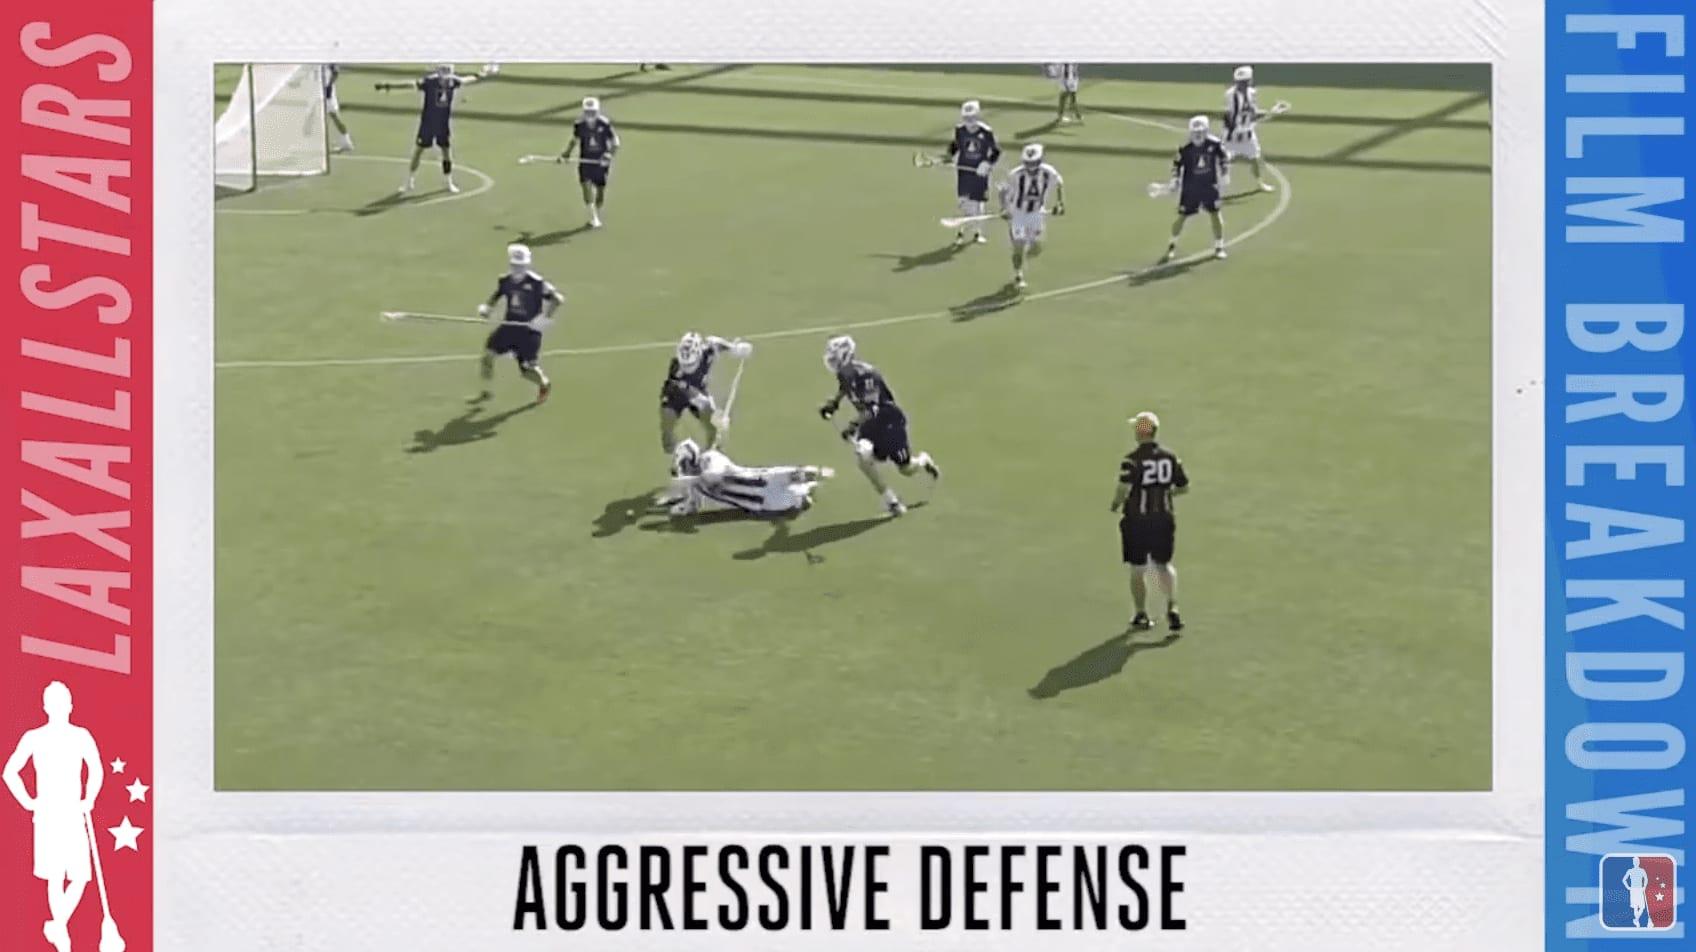 #filmbreakdown aggressive defense